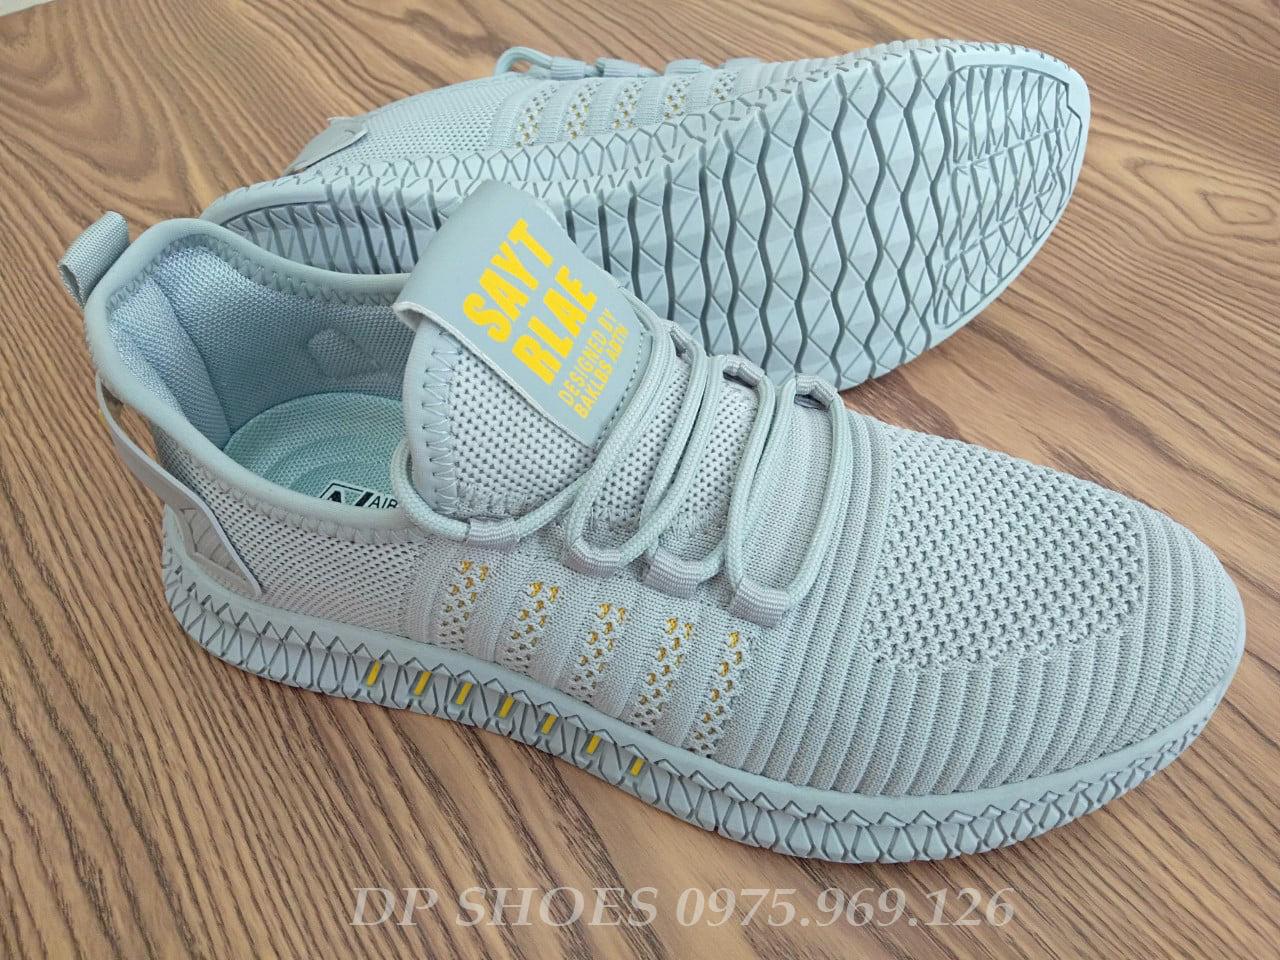 Xả giày thể thao nam màu ghi - giầy sneaker mẫu mới bền đẹp